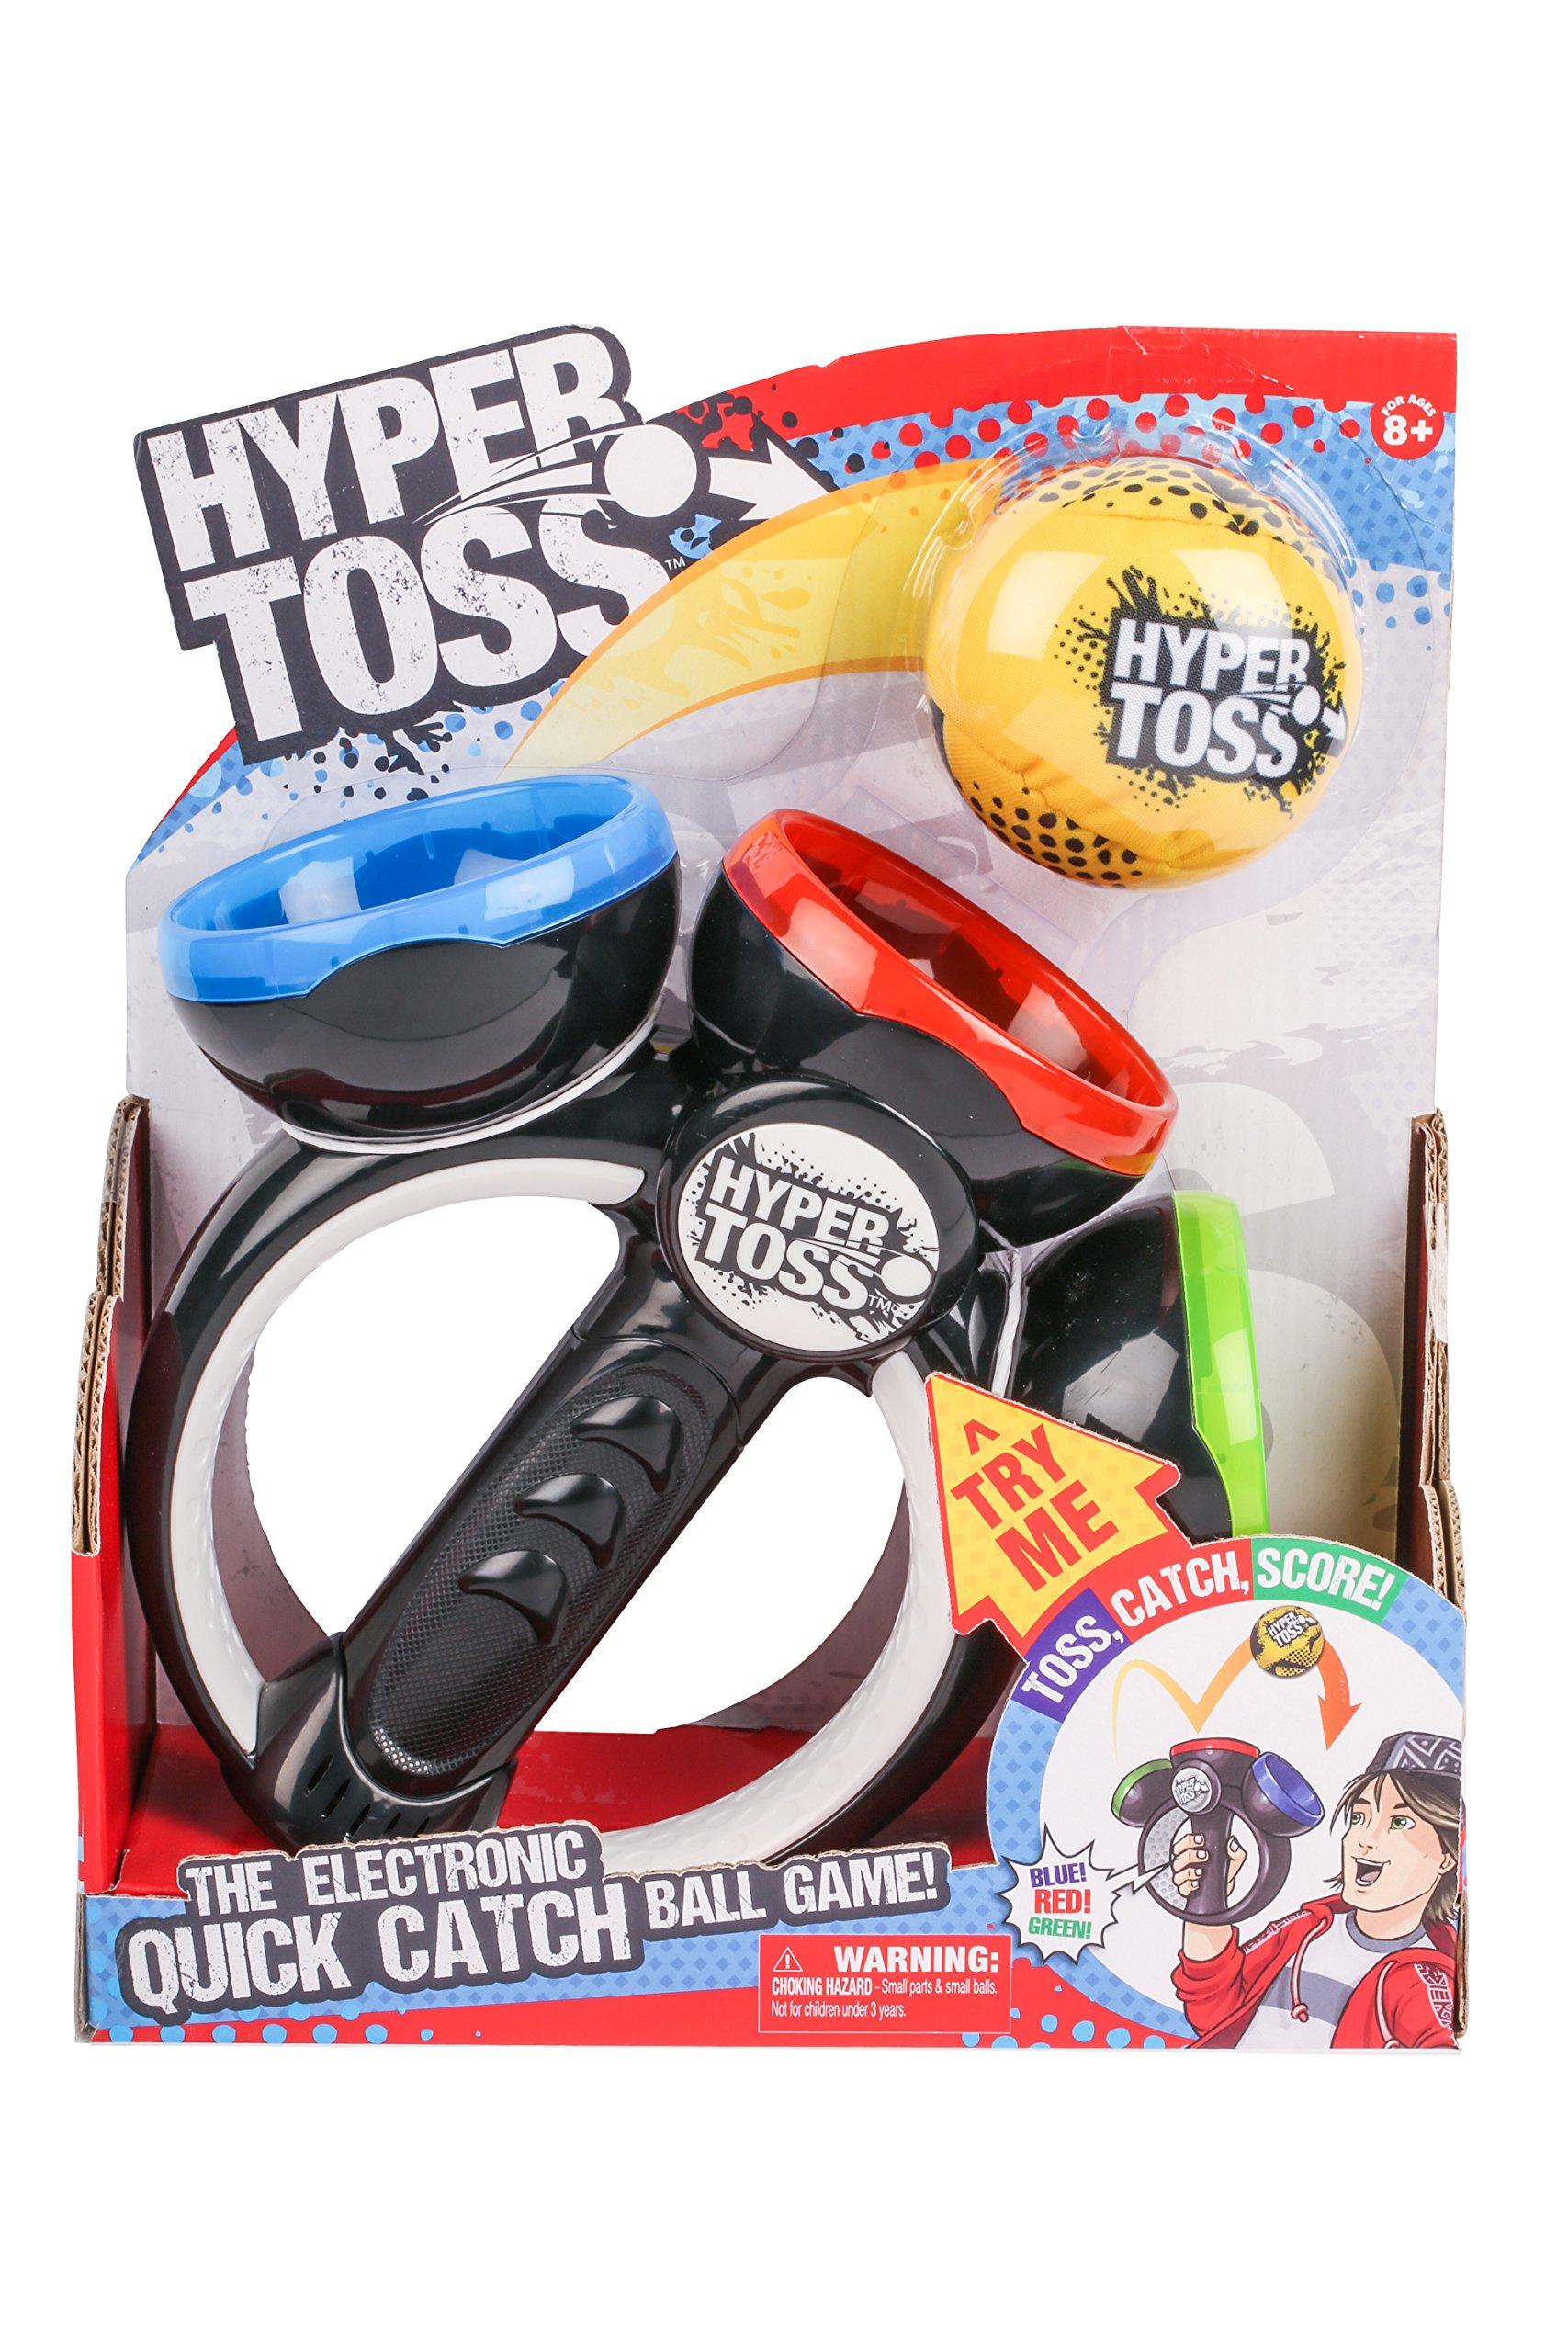 Hyper Toss Action Game by Hyper Toss